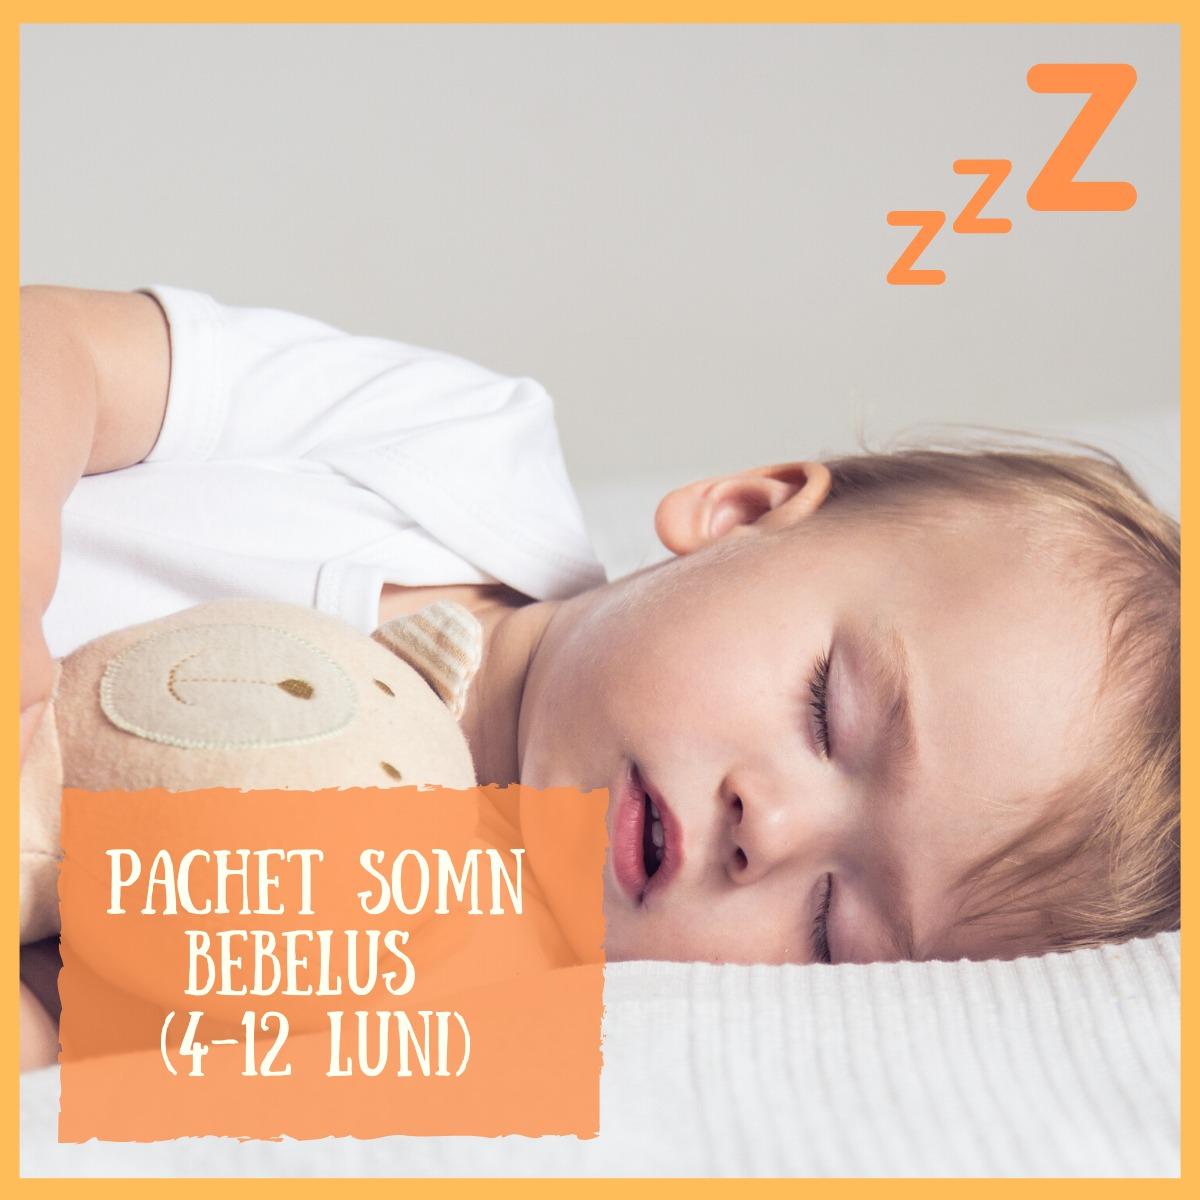 copil care doarme cu o jucarie in brate